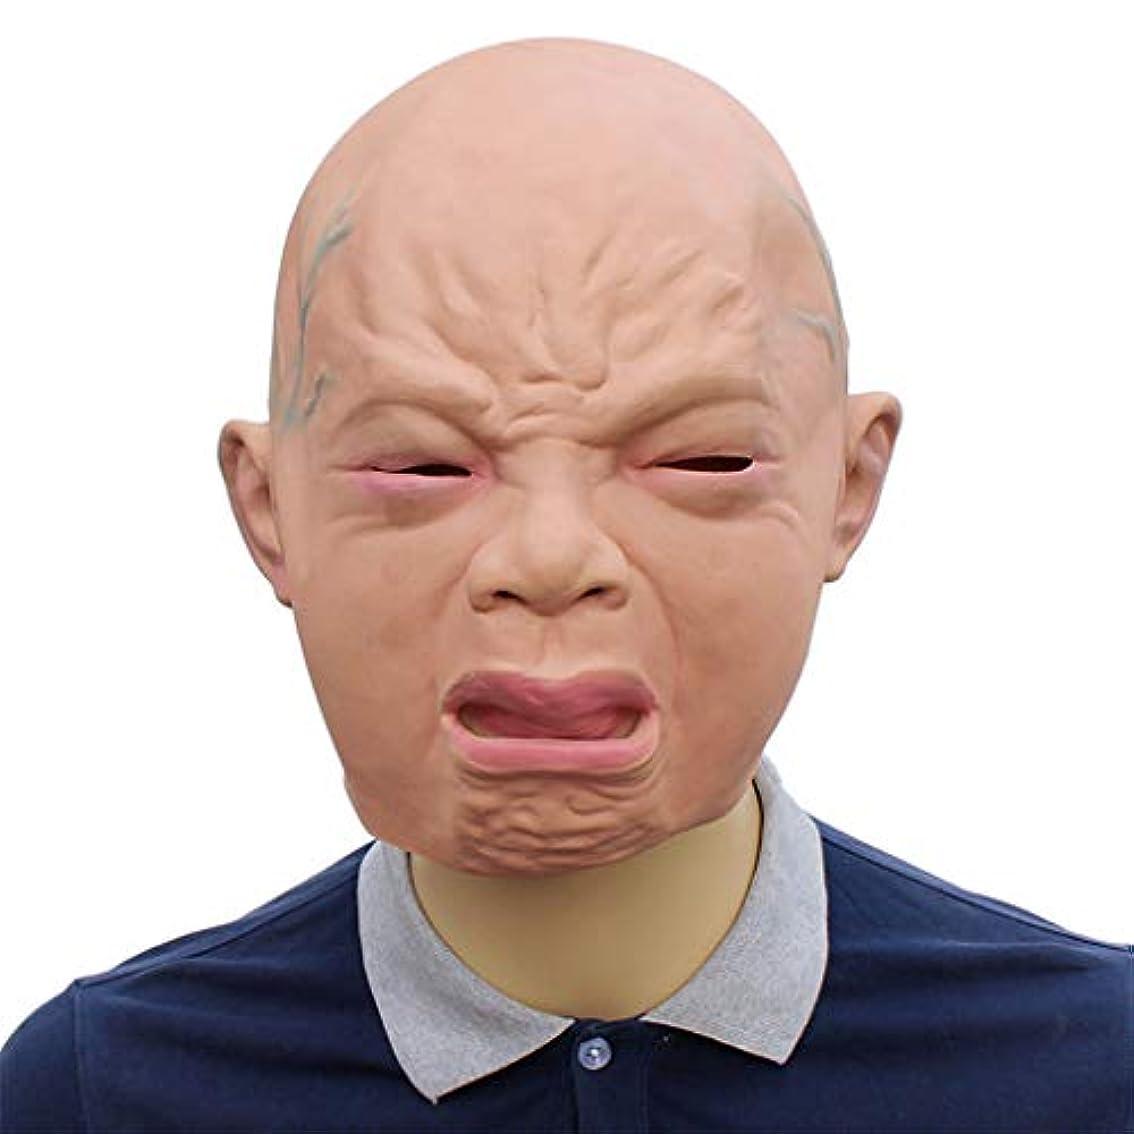 フォーマット端末最も遠いハロウィンマスク、キャラクターマスク、ノベルティファニーラテックスリアルな泣き虫ベビーギア、ハロウィンイースターコスチュームコスプレ用